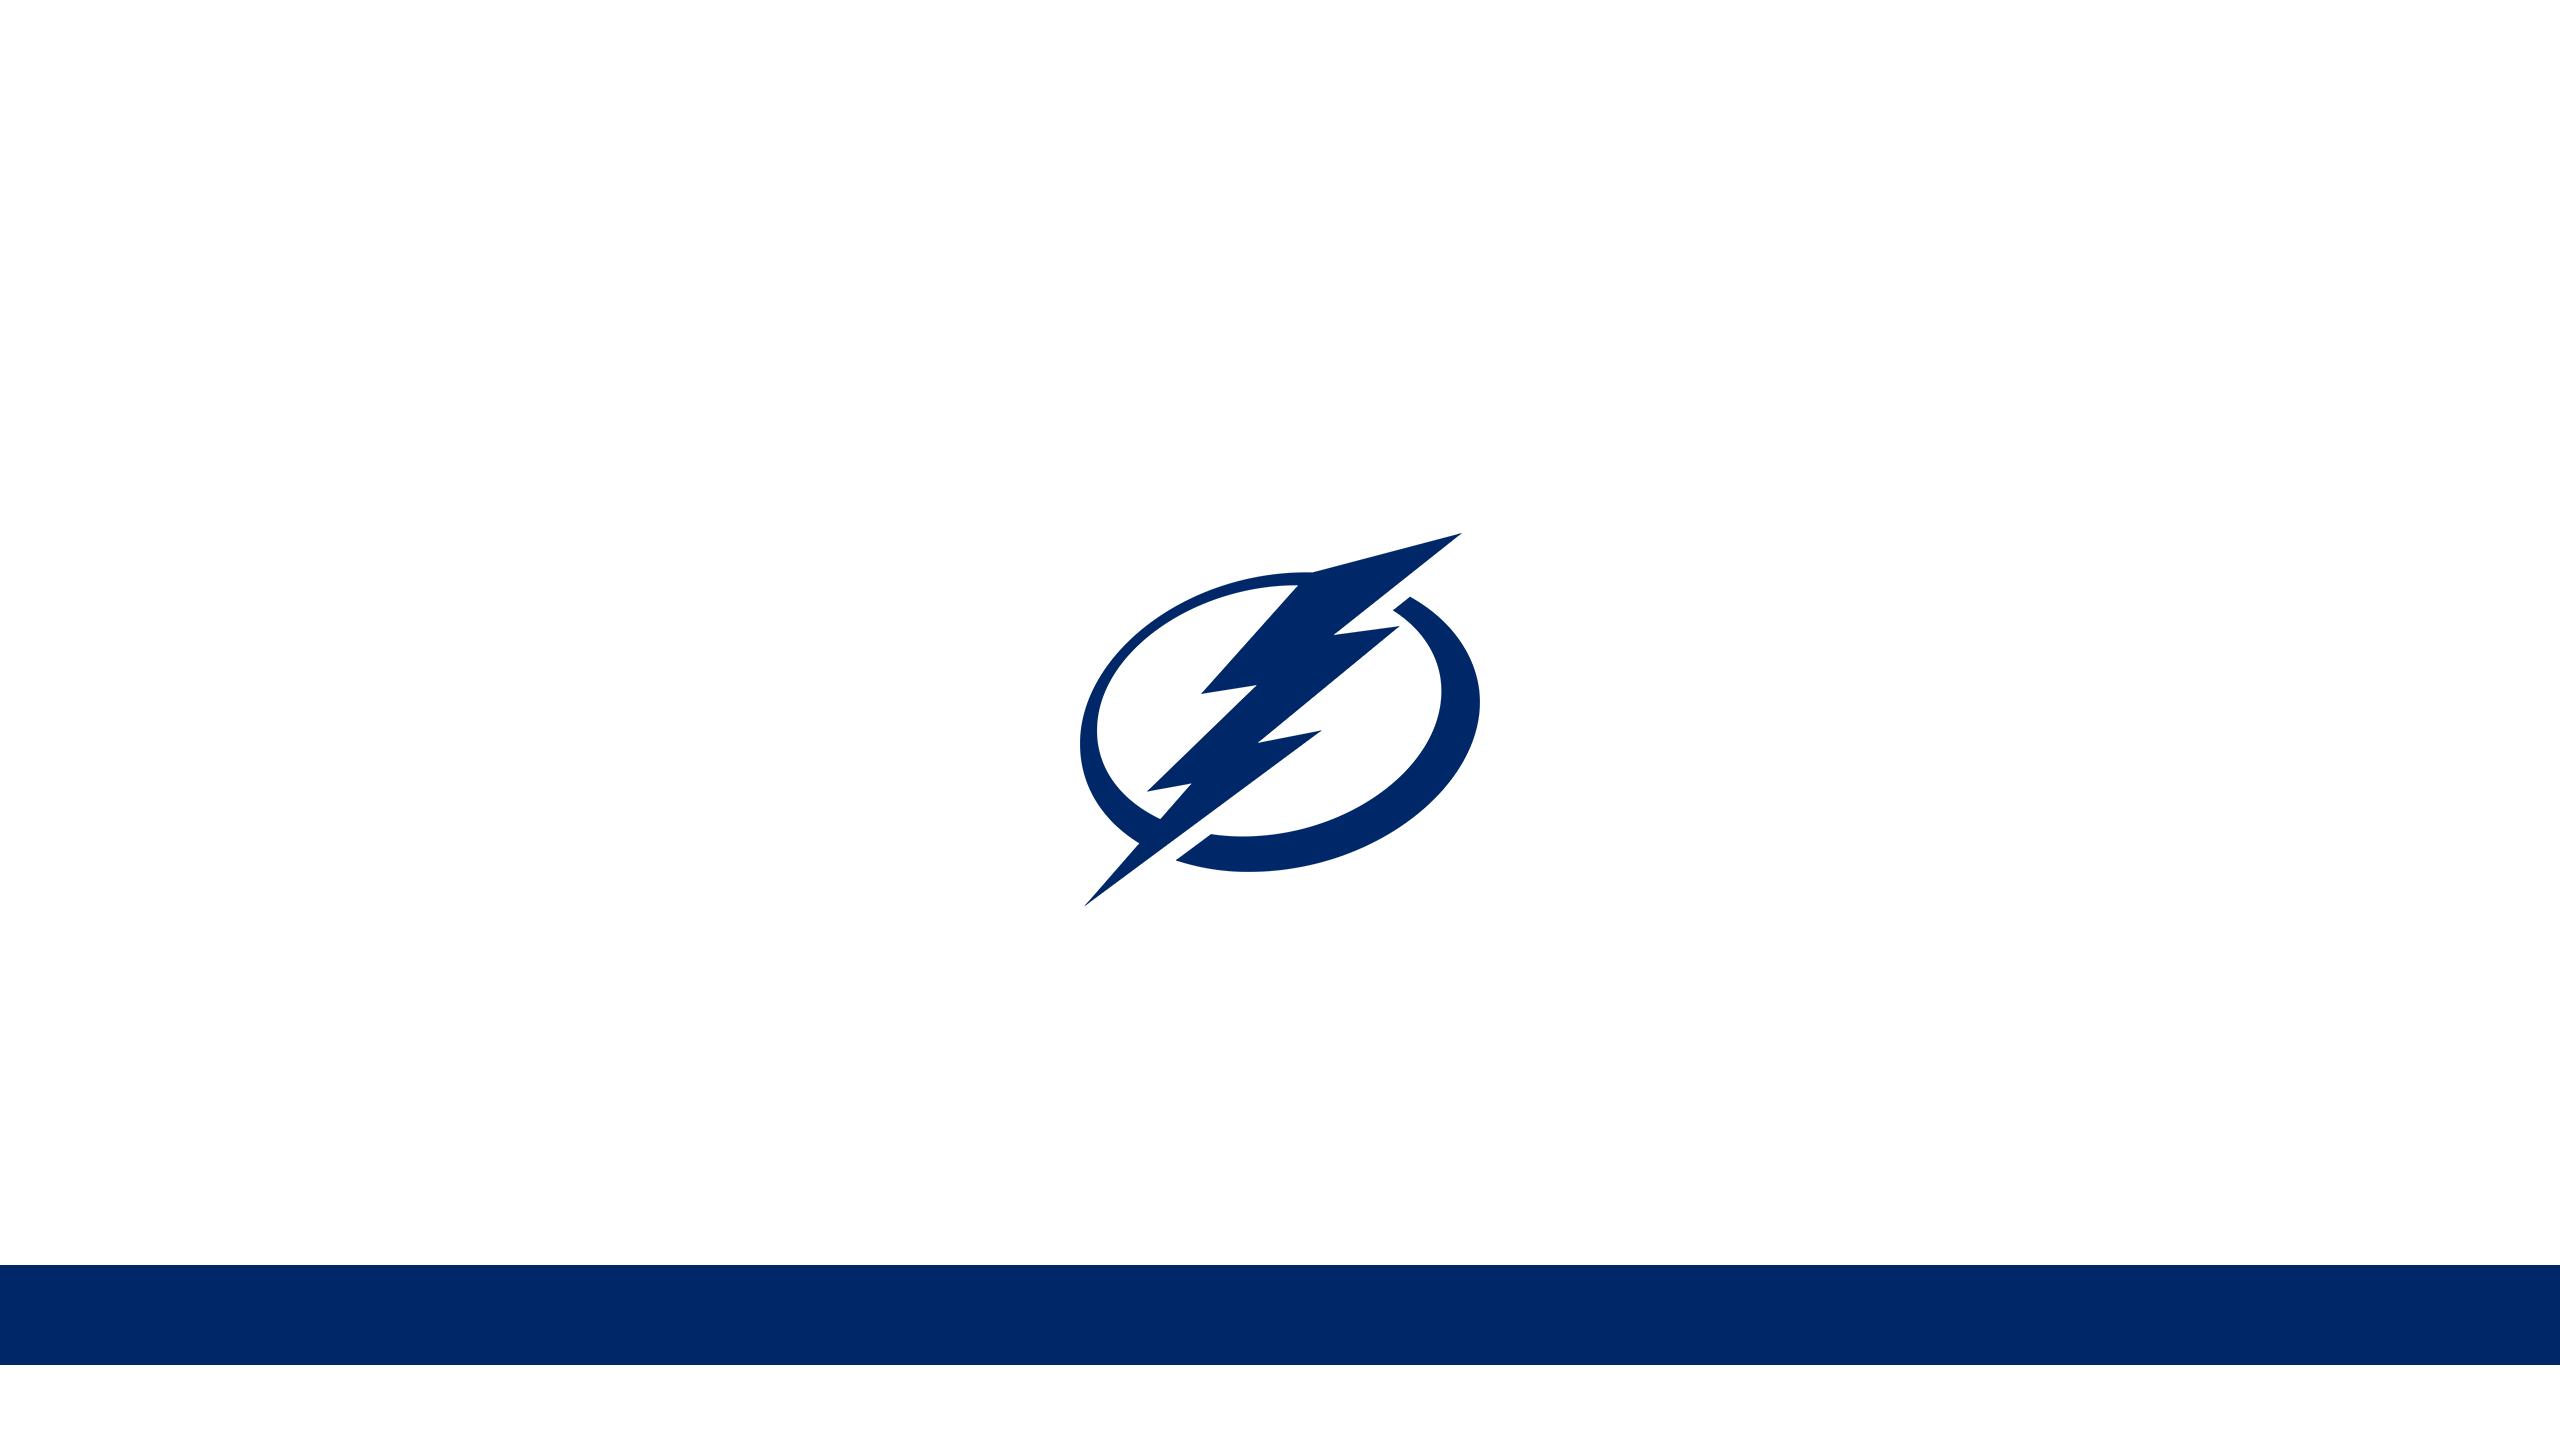 Tampa Bay Lightning (Away)